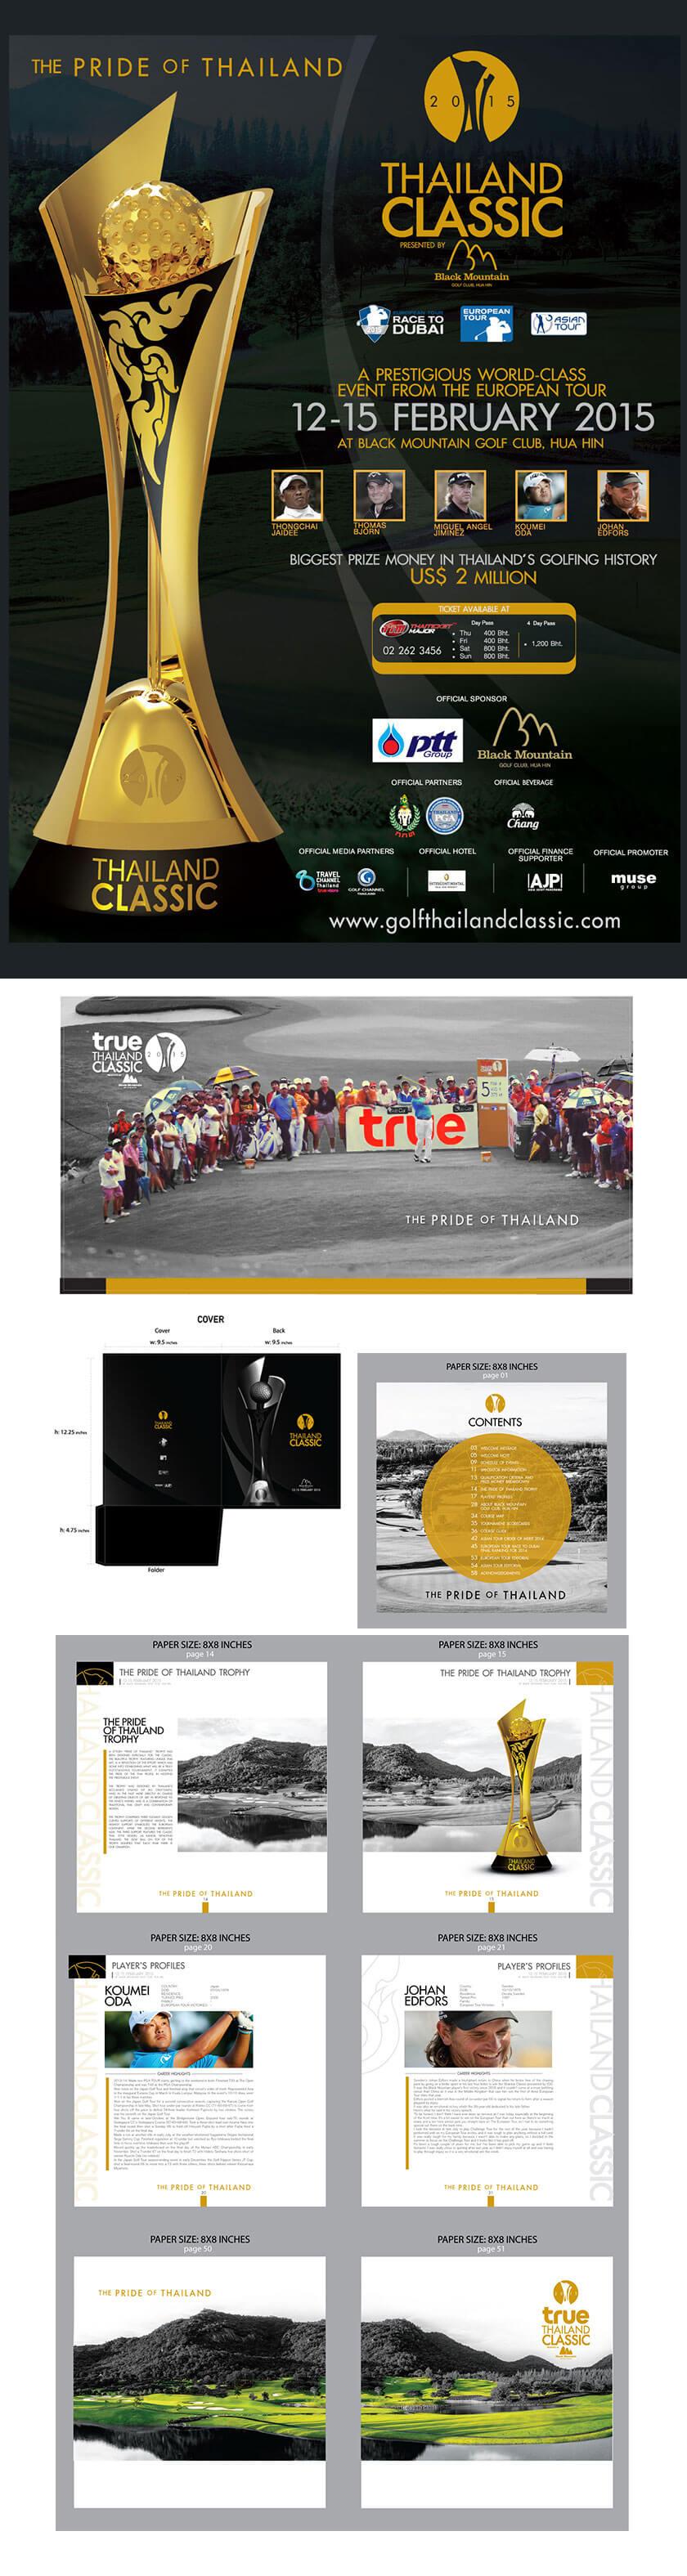 ออกแบบ Keyvisual ใช้ในงาน Golf | MeDee - บริษัทรับทำเว็บไซต์ กราฟฟิกดีไซน์